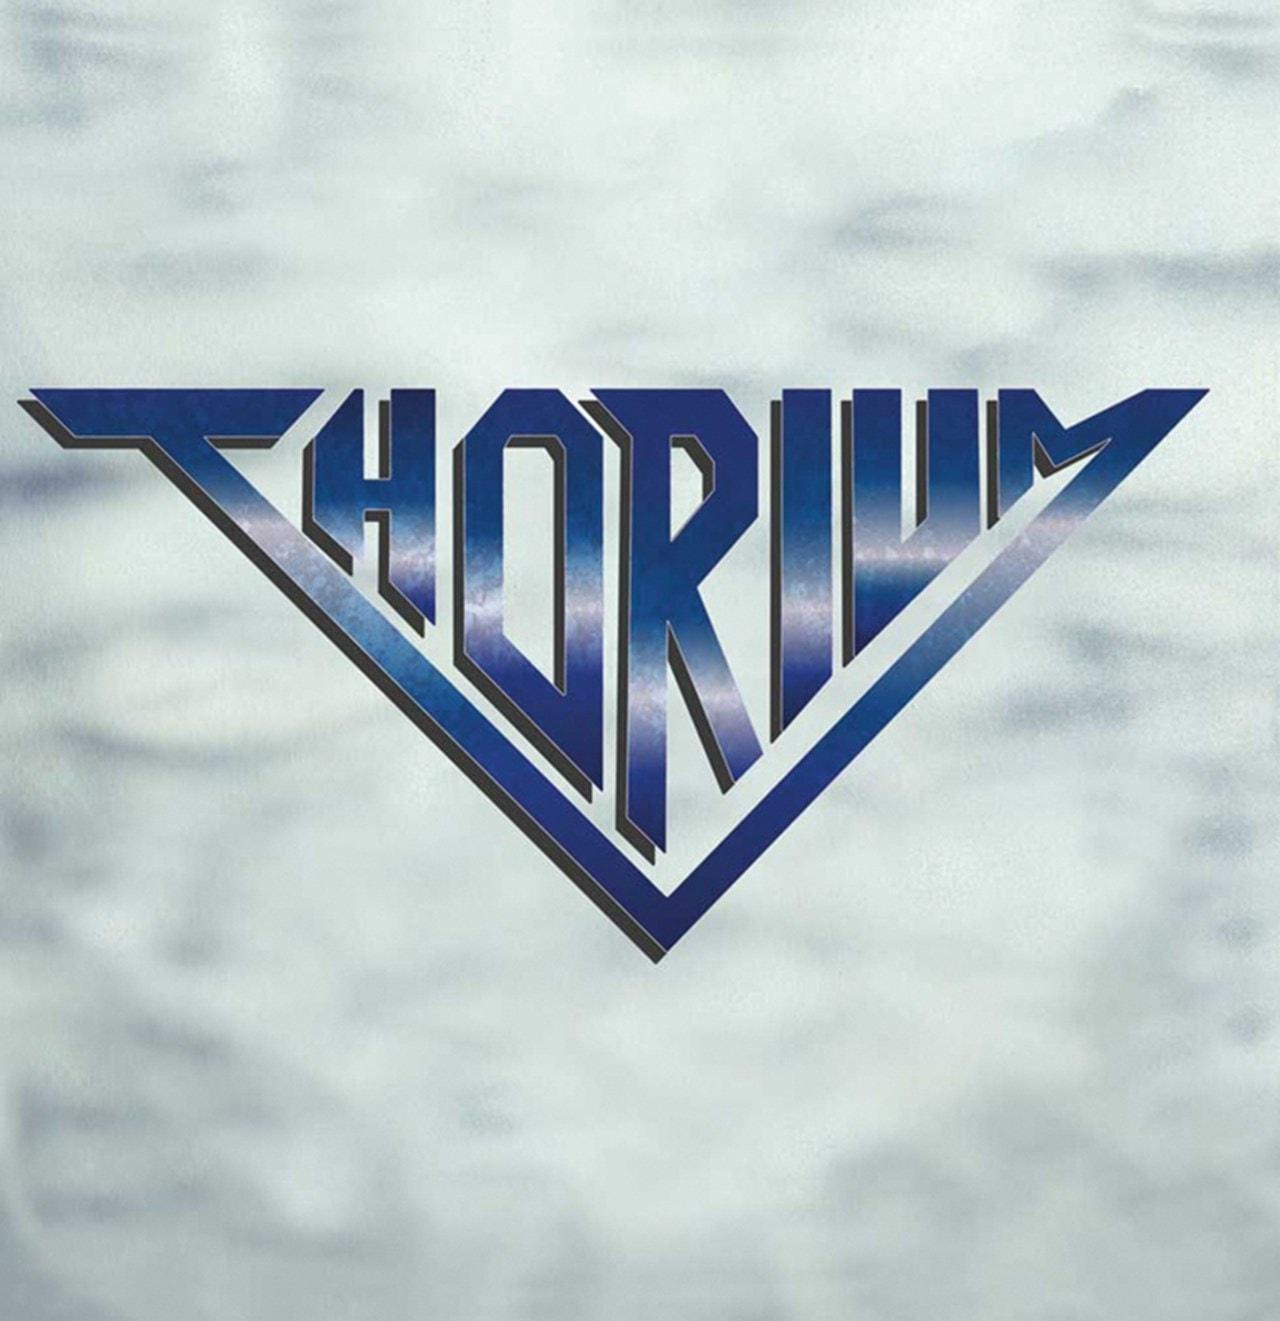 Thorium - 1